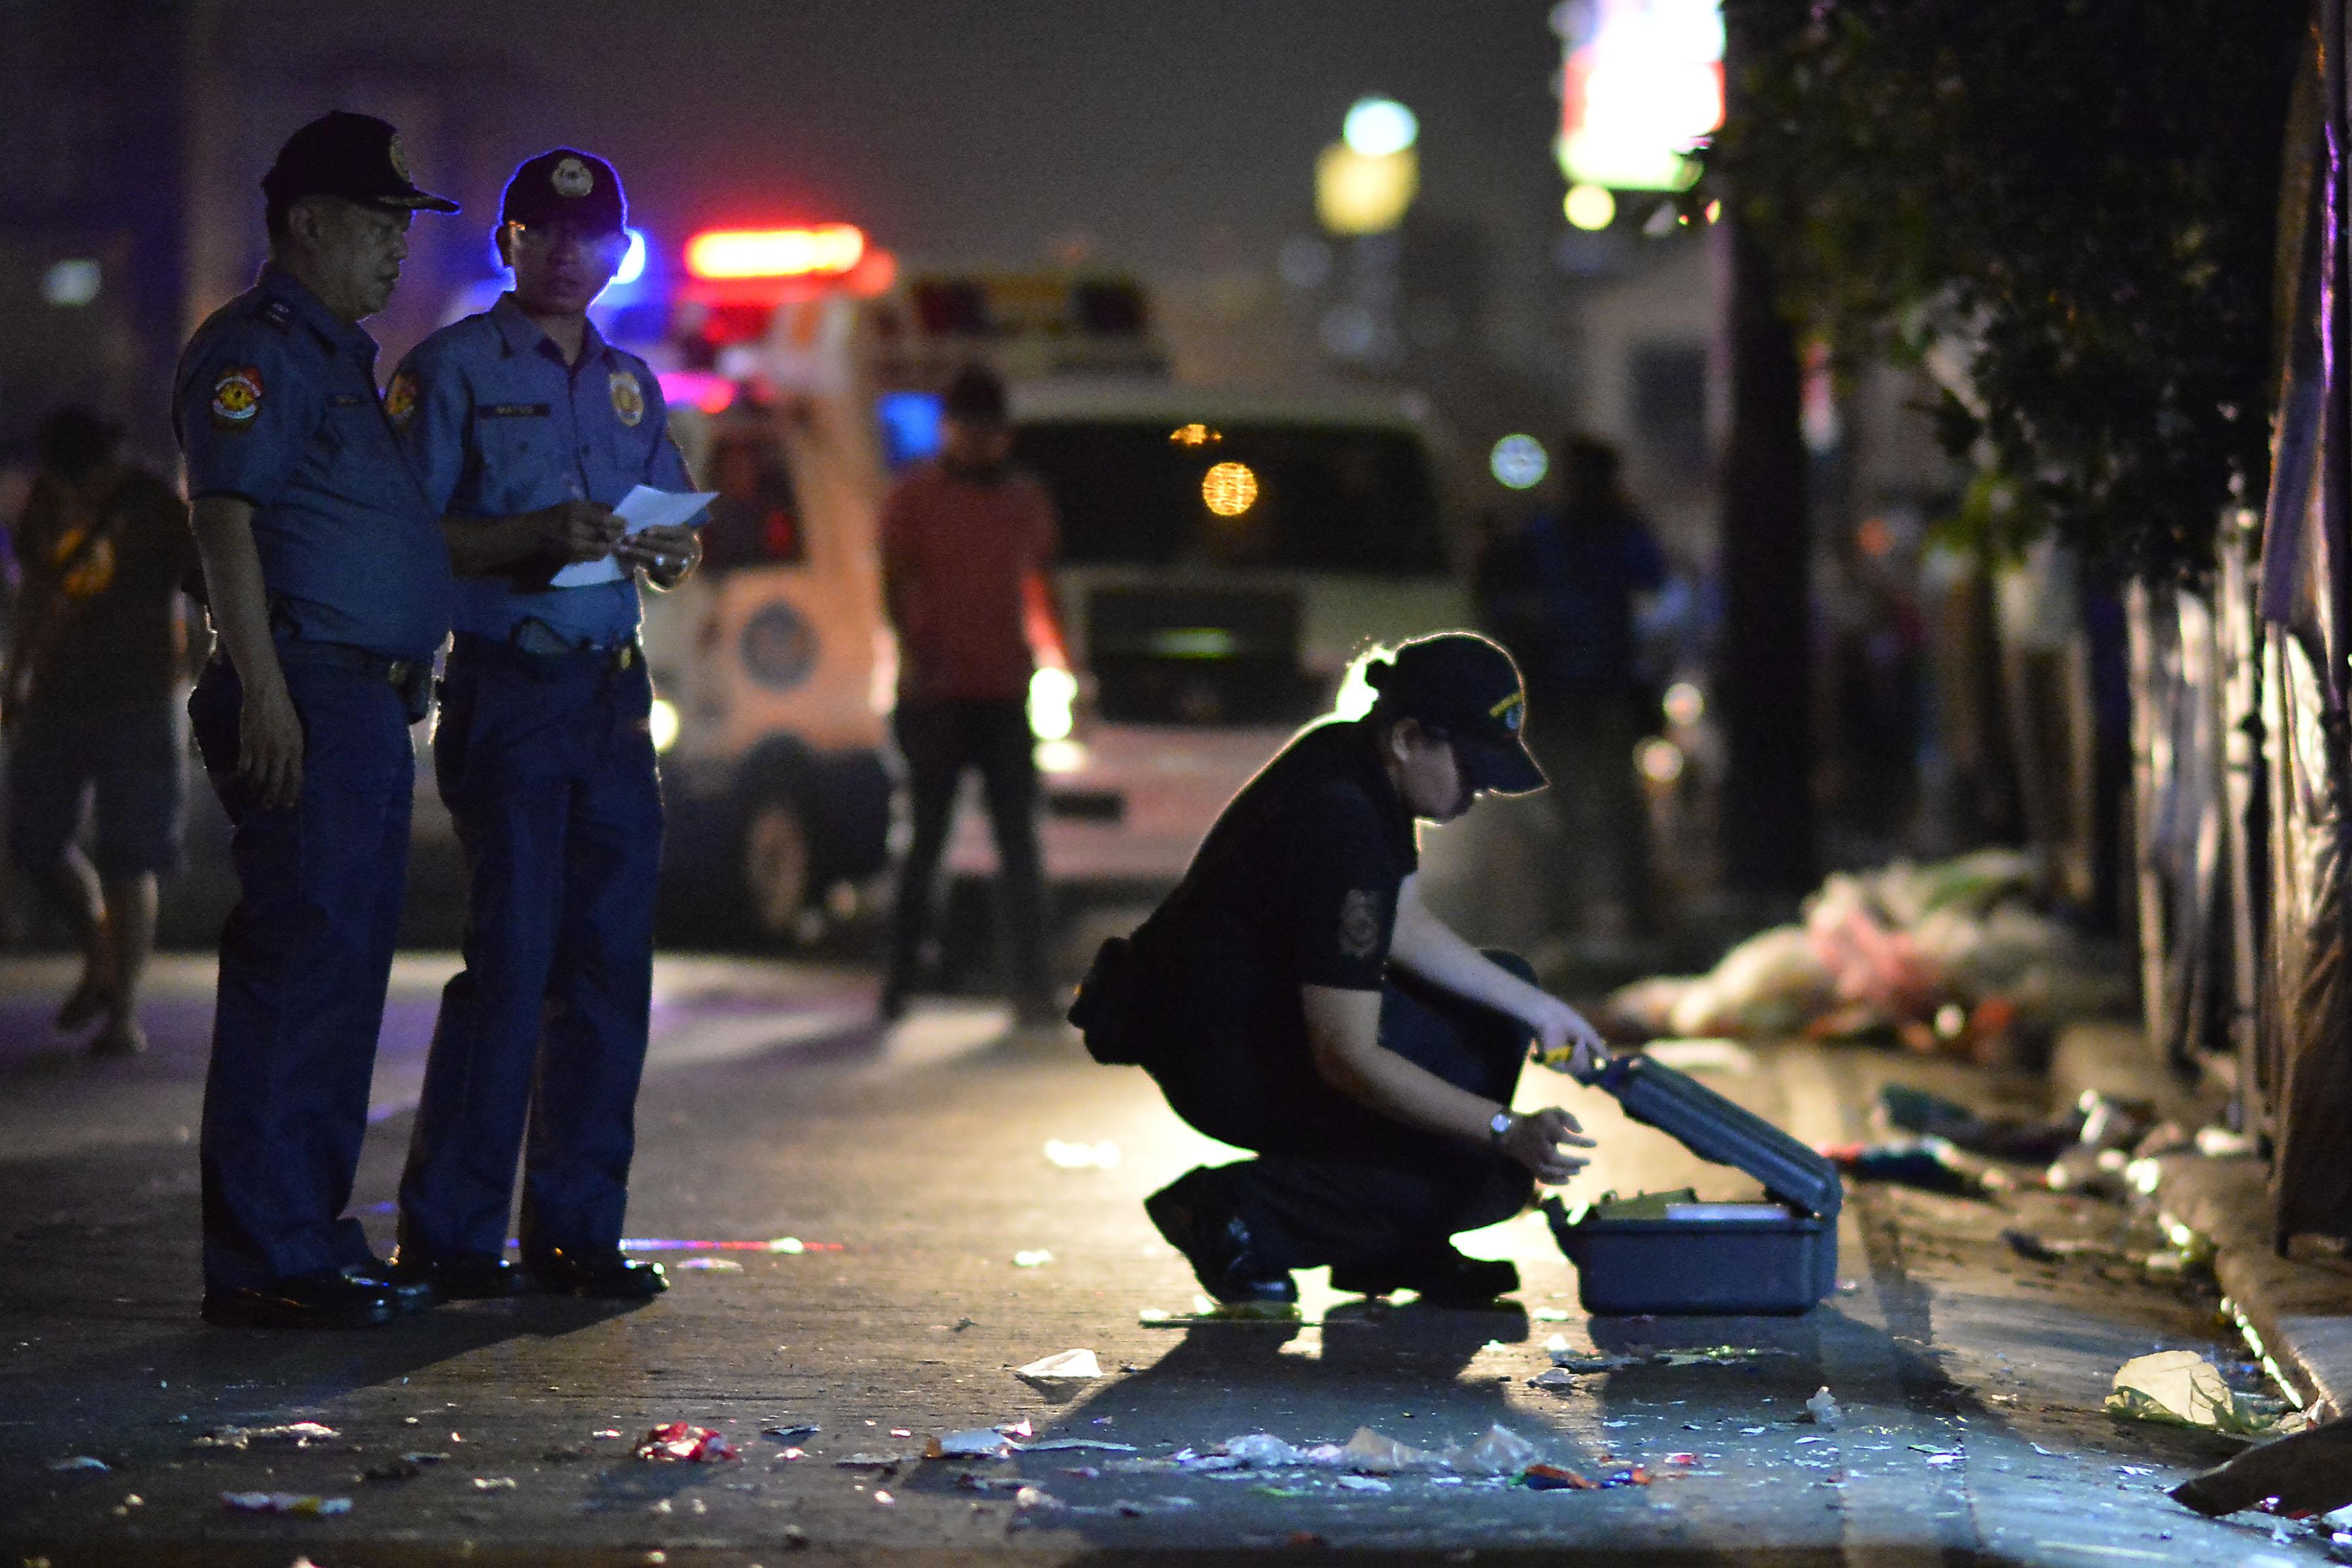 Quiapo blast leaves 13 people injured